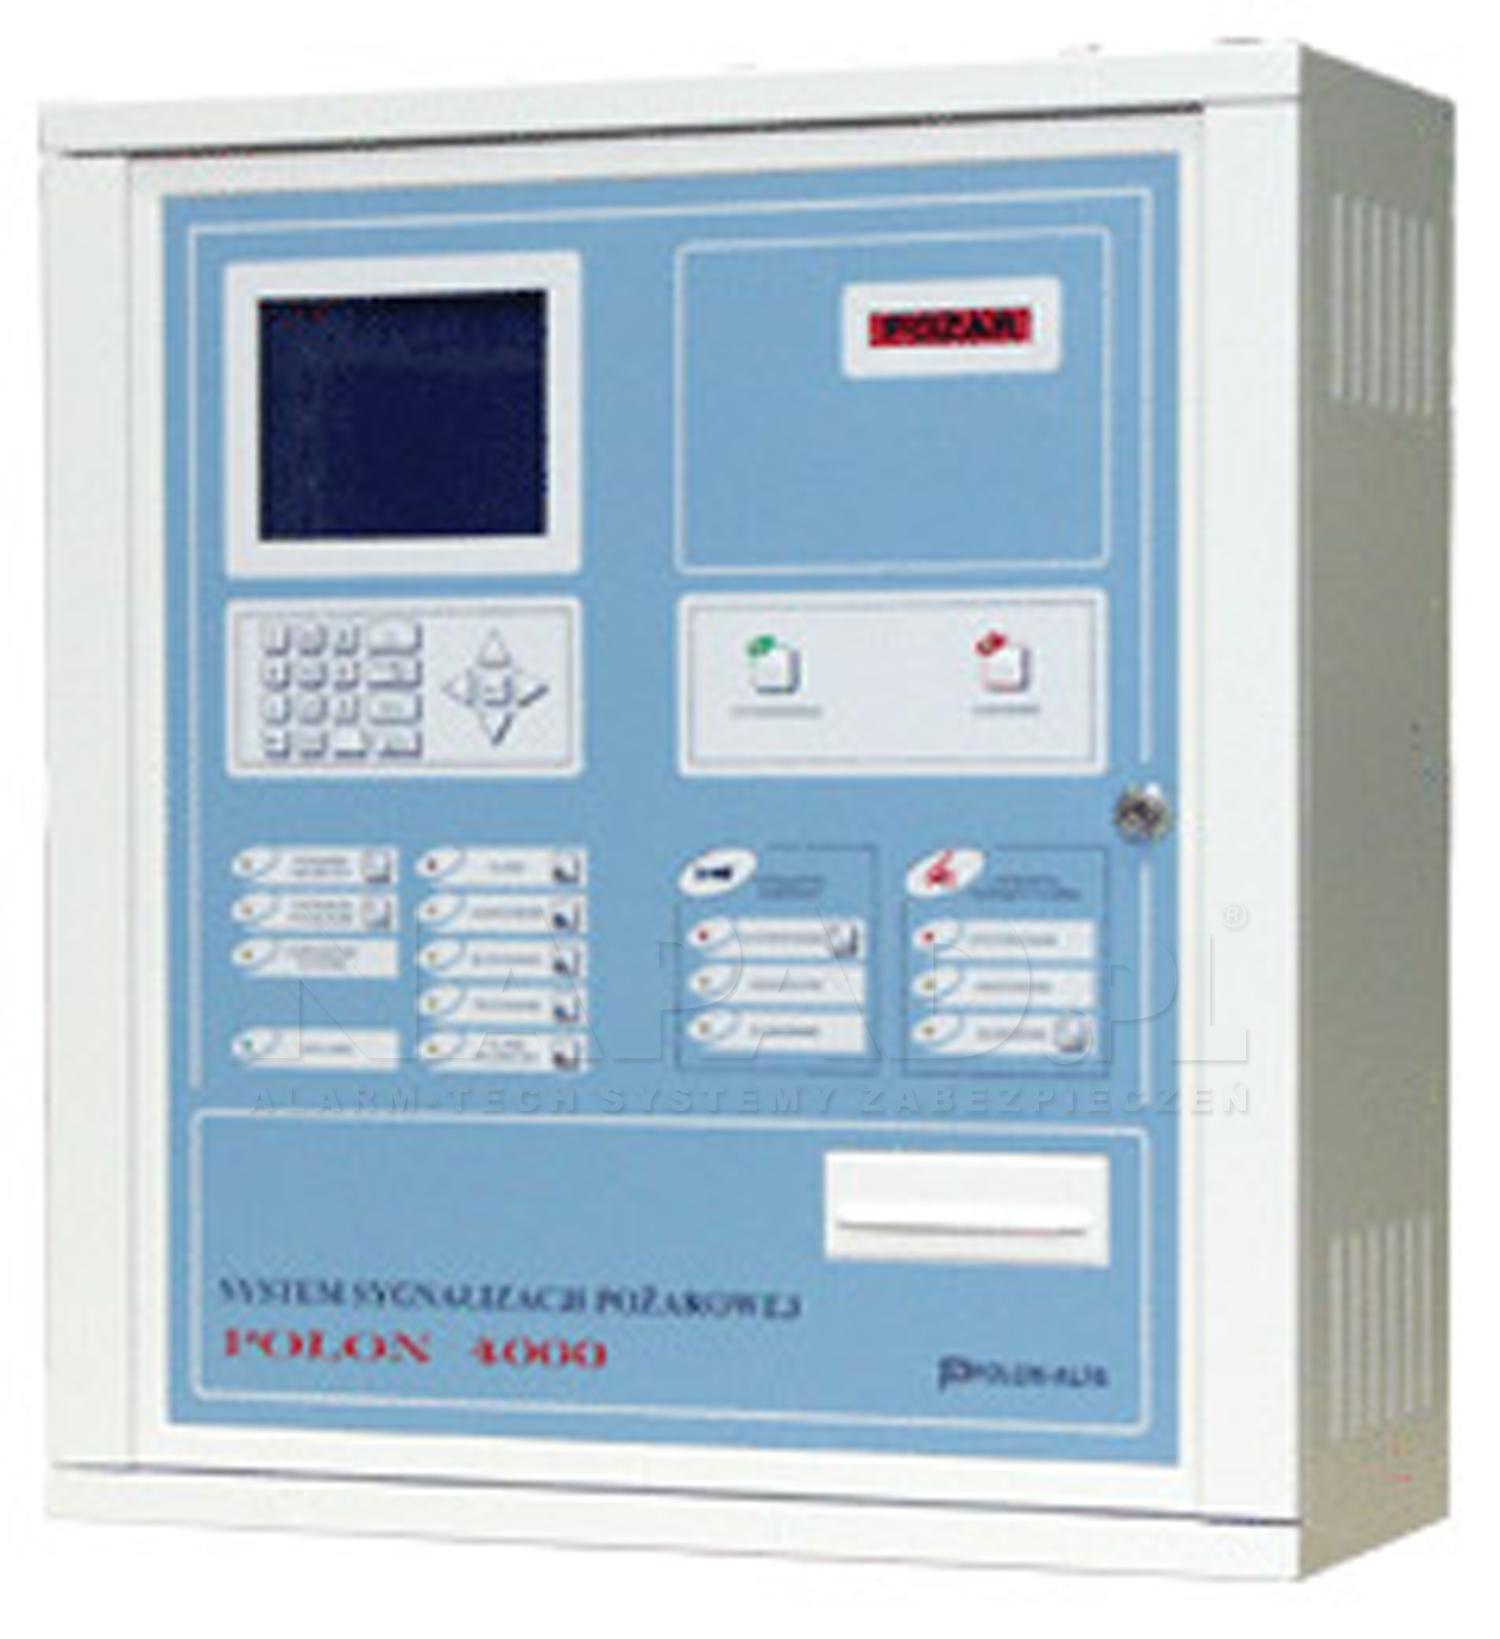 Centrala sygnalizacji pożarowej POLON 4900S